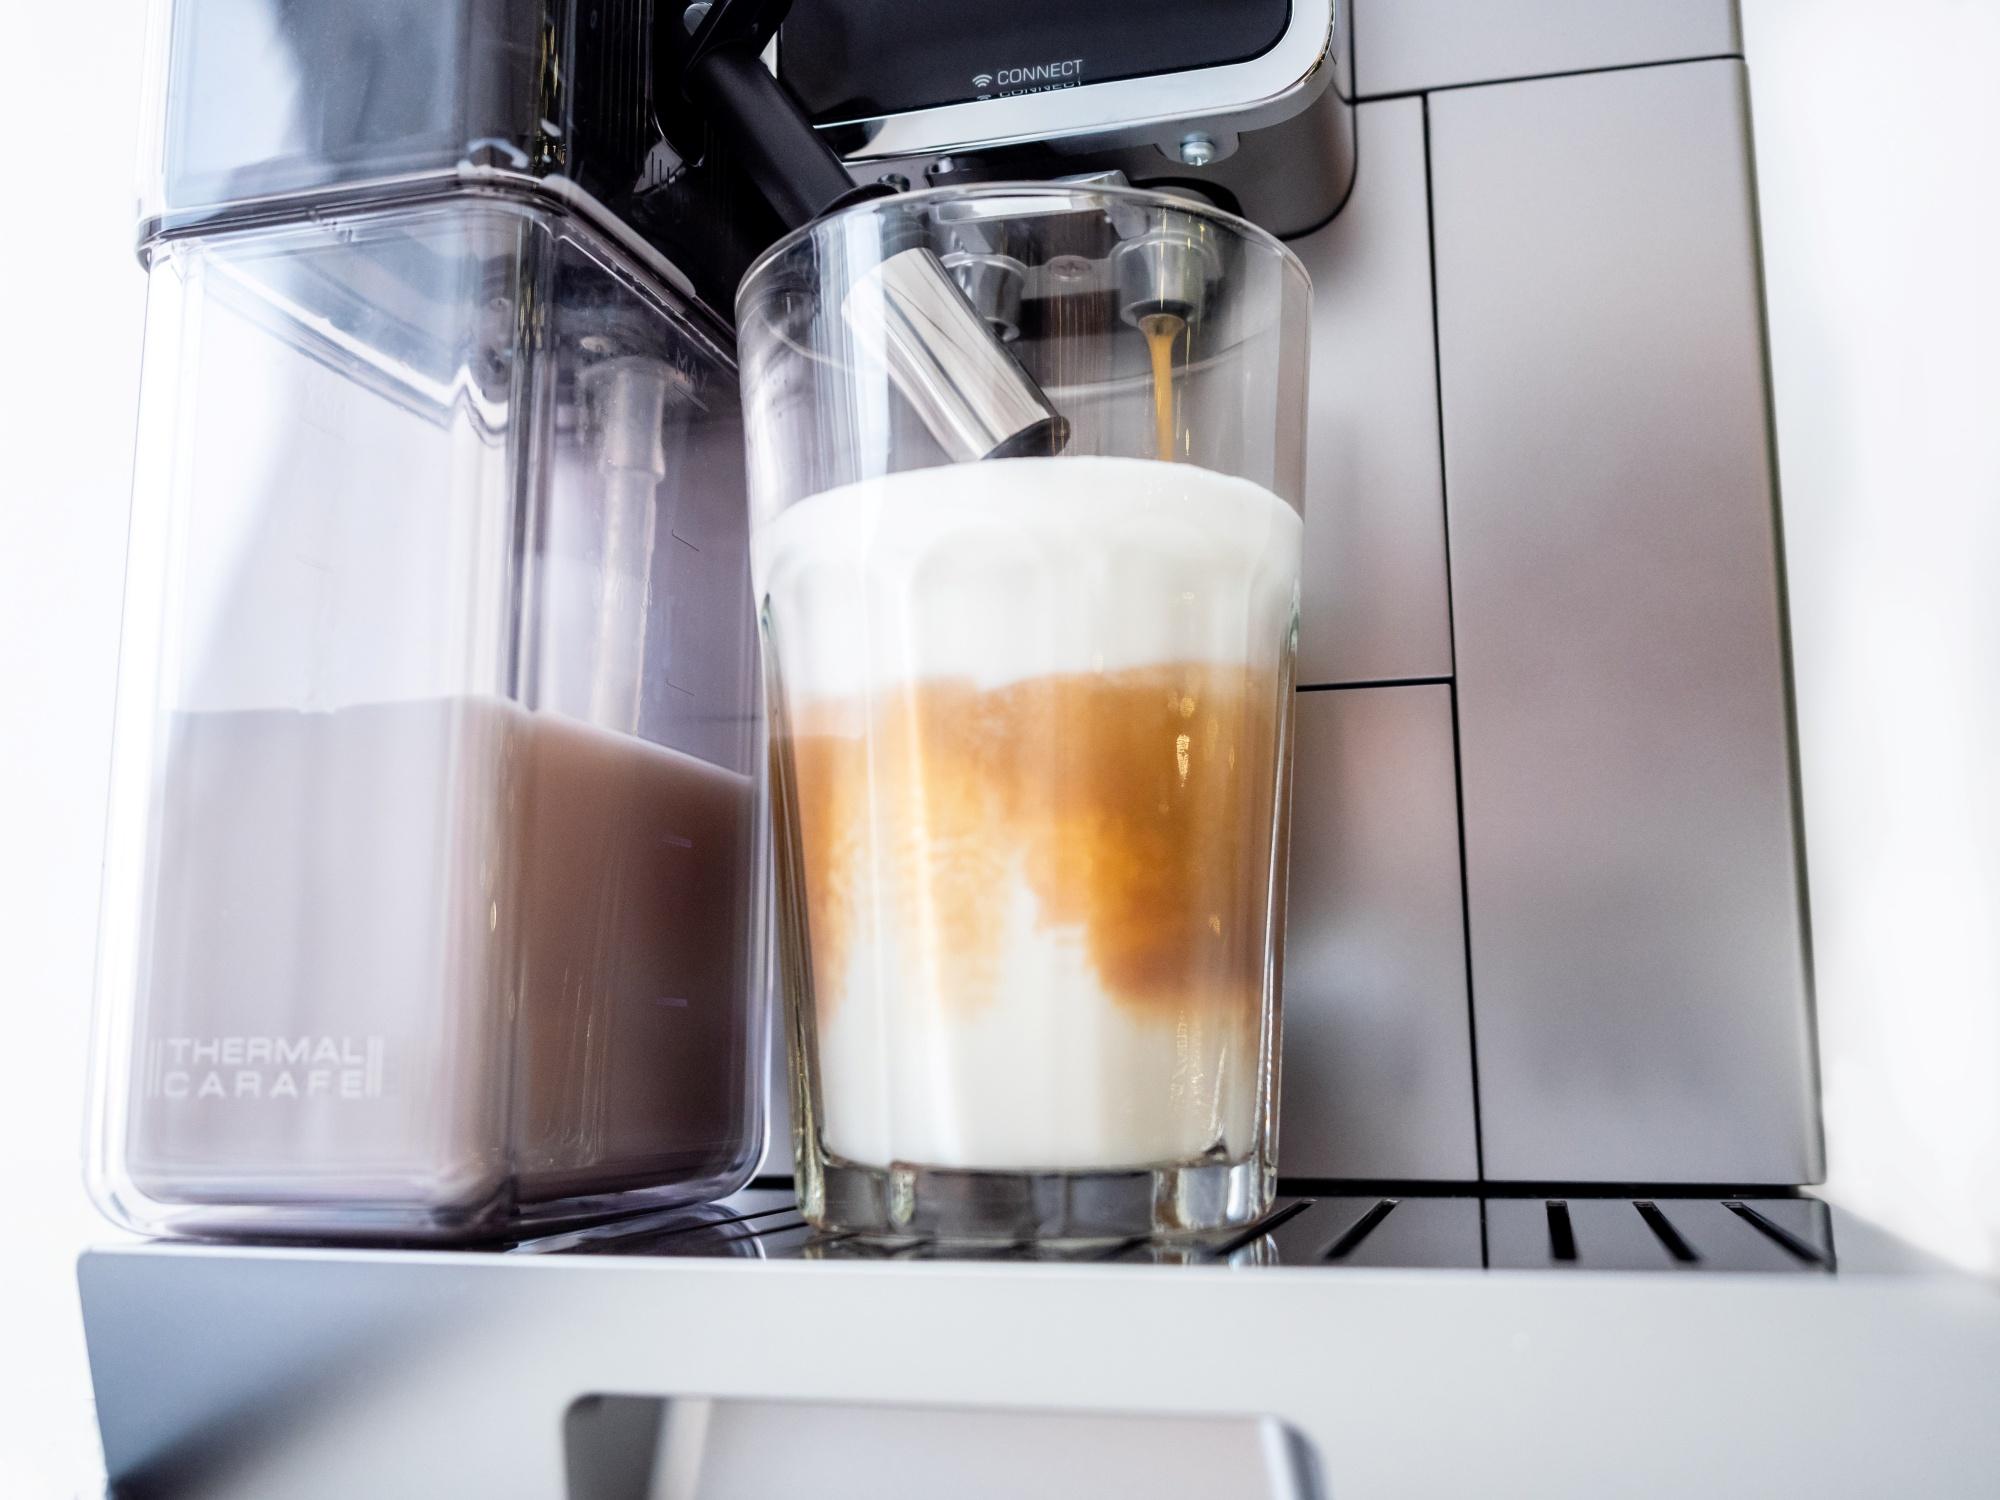 Spienianie mleka w ekspresie do kawy